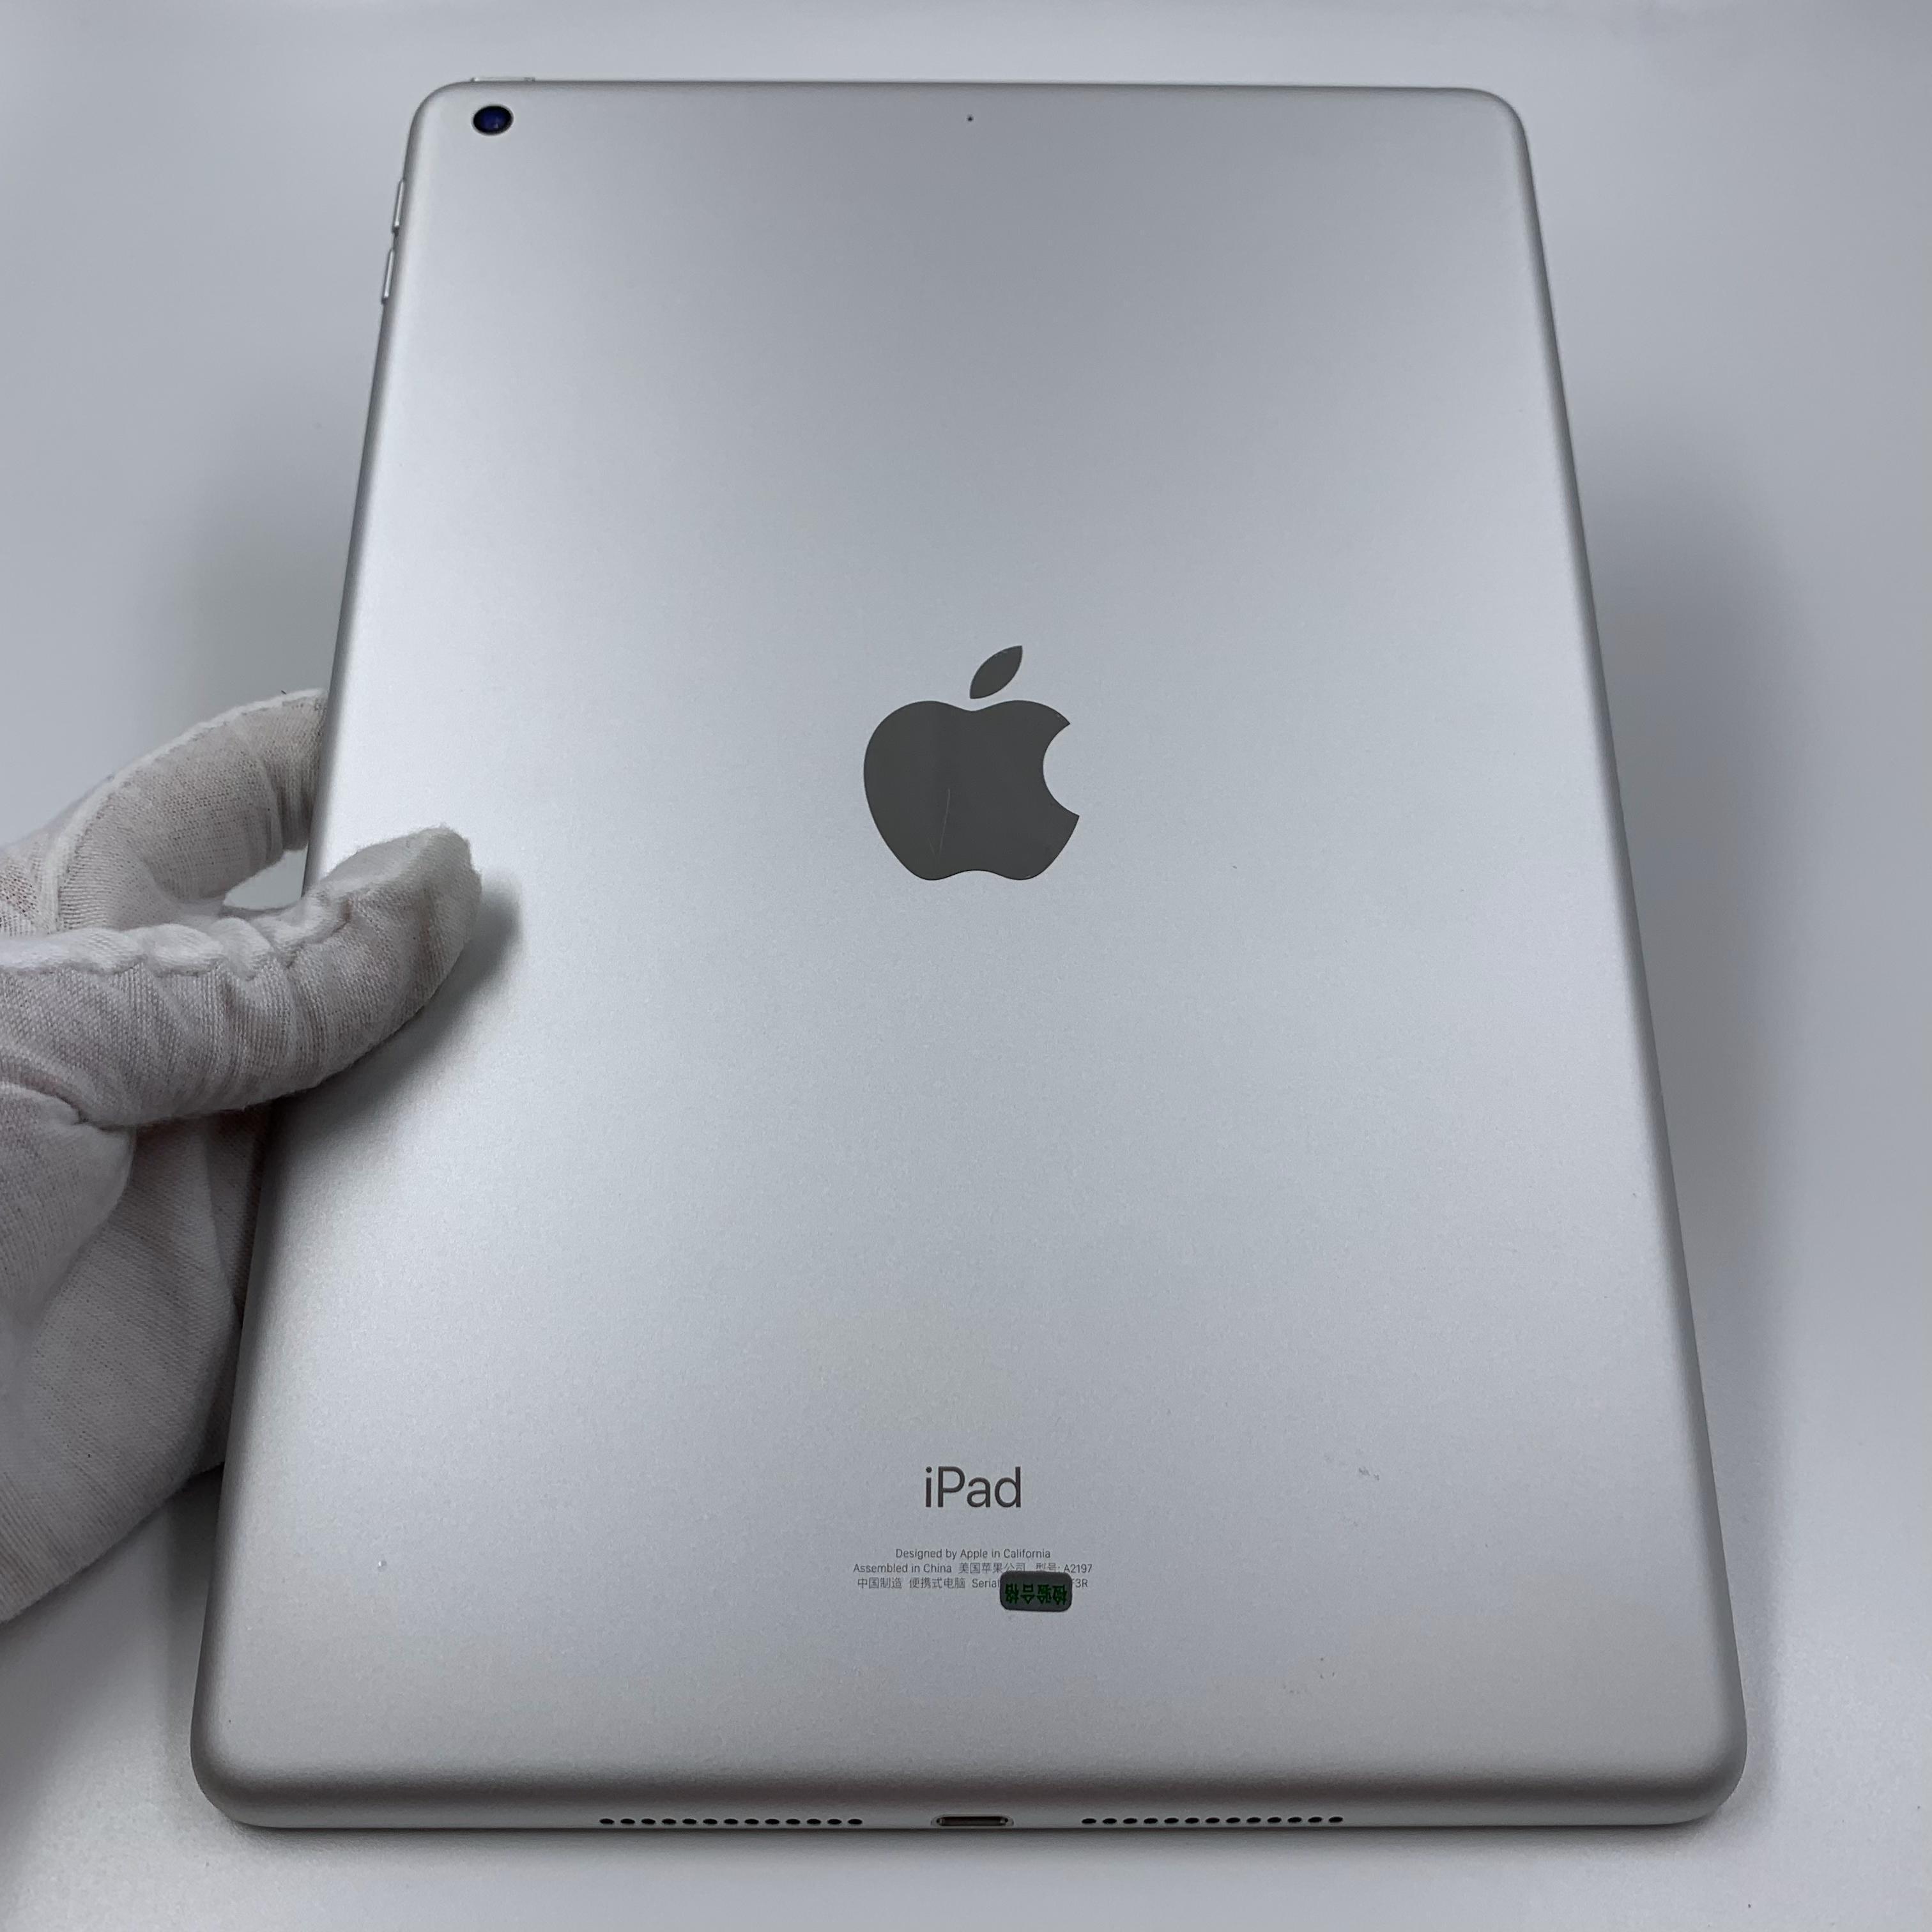 苹果【iPad 2019款10.2英寸】WIFI版 银色 128G 国行 95新 真机实拍官保2021-07-24